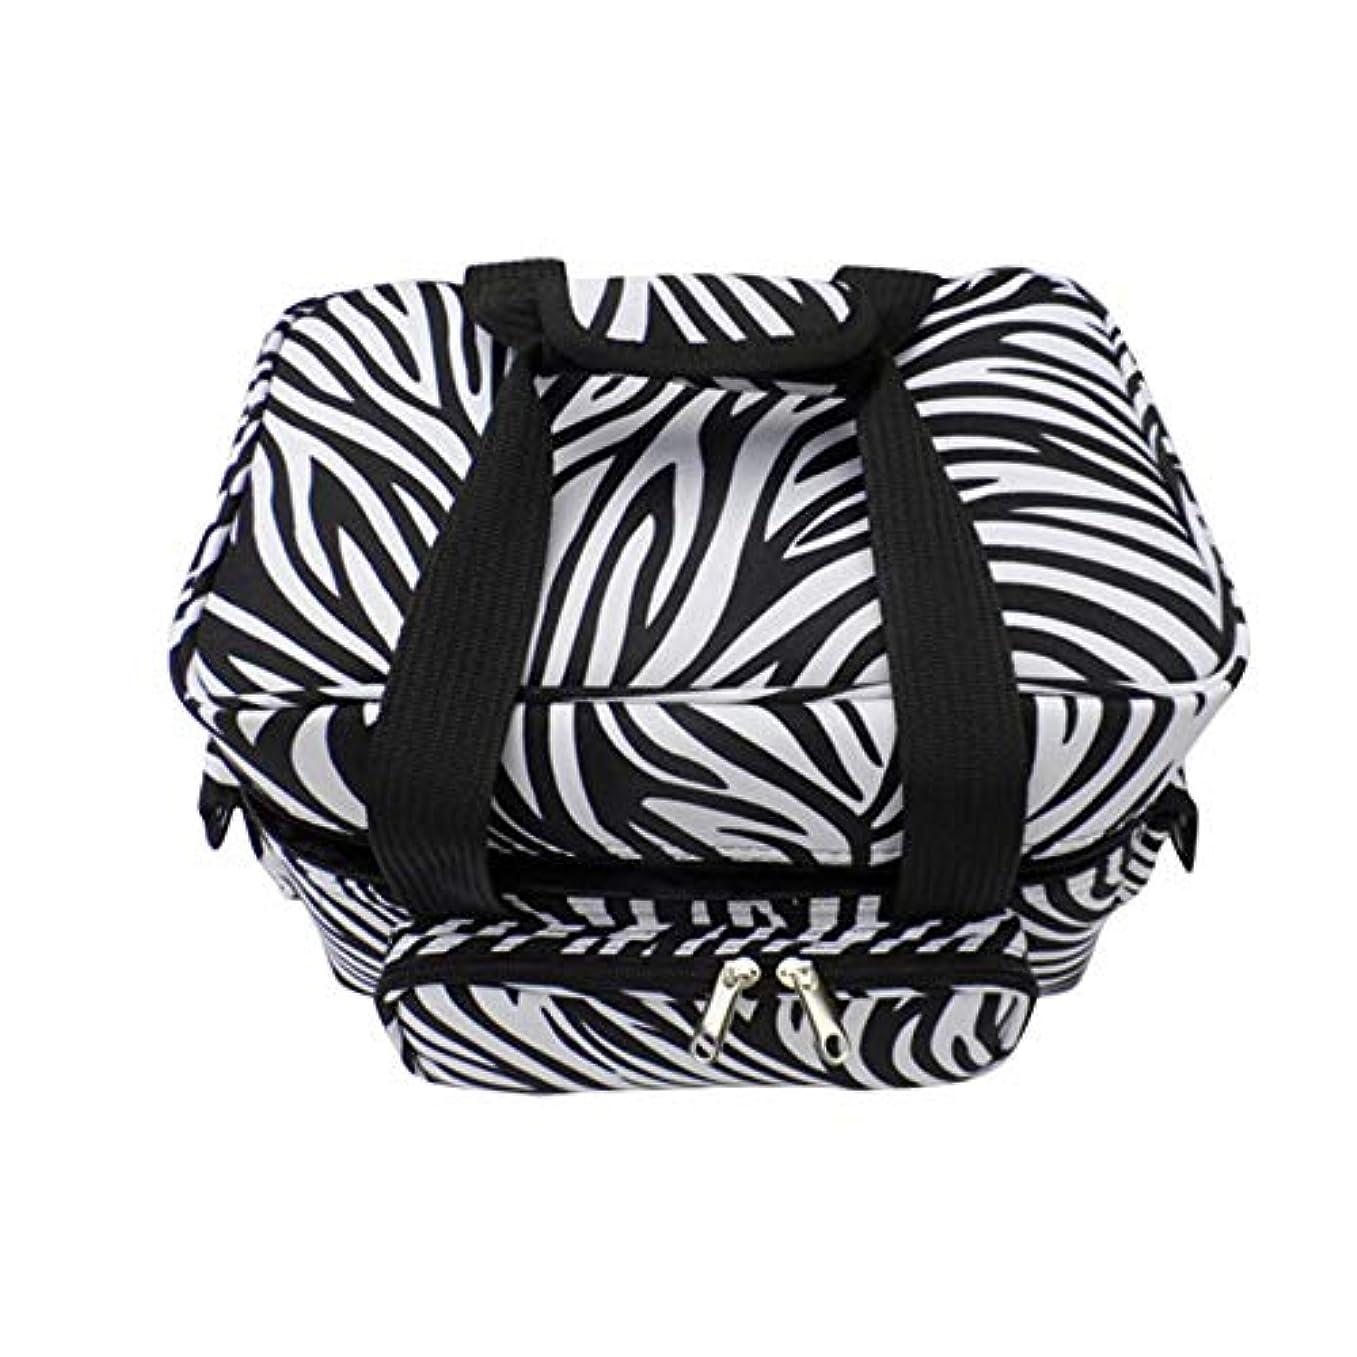 化粧オーガナイザーバッグ ゼブラストライプポータブル化粧品バッグ美容メイクアップと女の子女性旅行とジッパーとトレイで毎日のストレージ 化粧品ケース